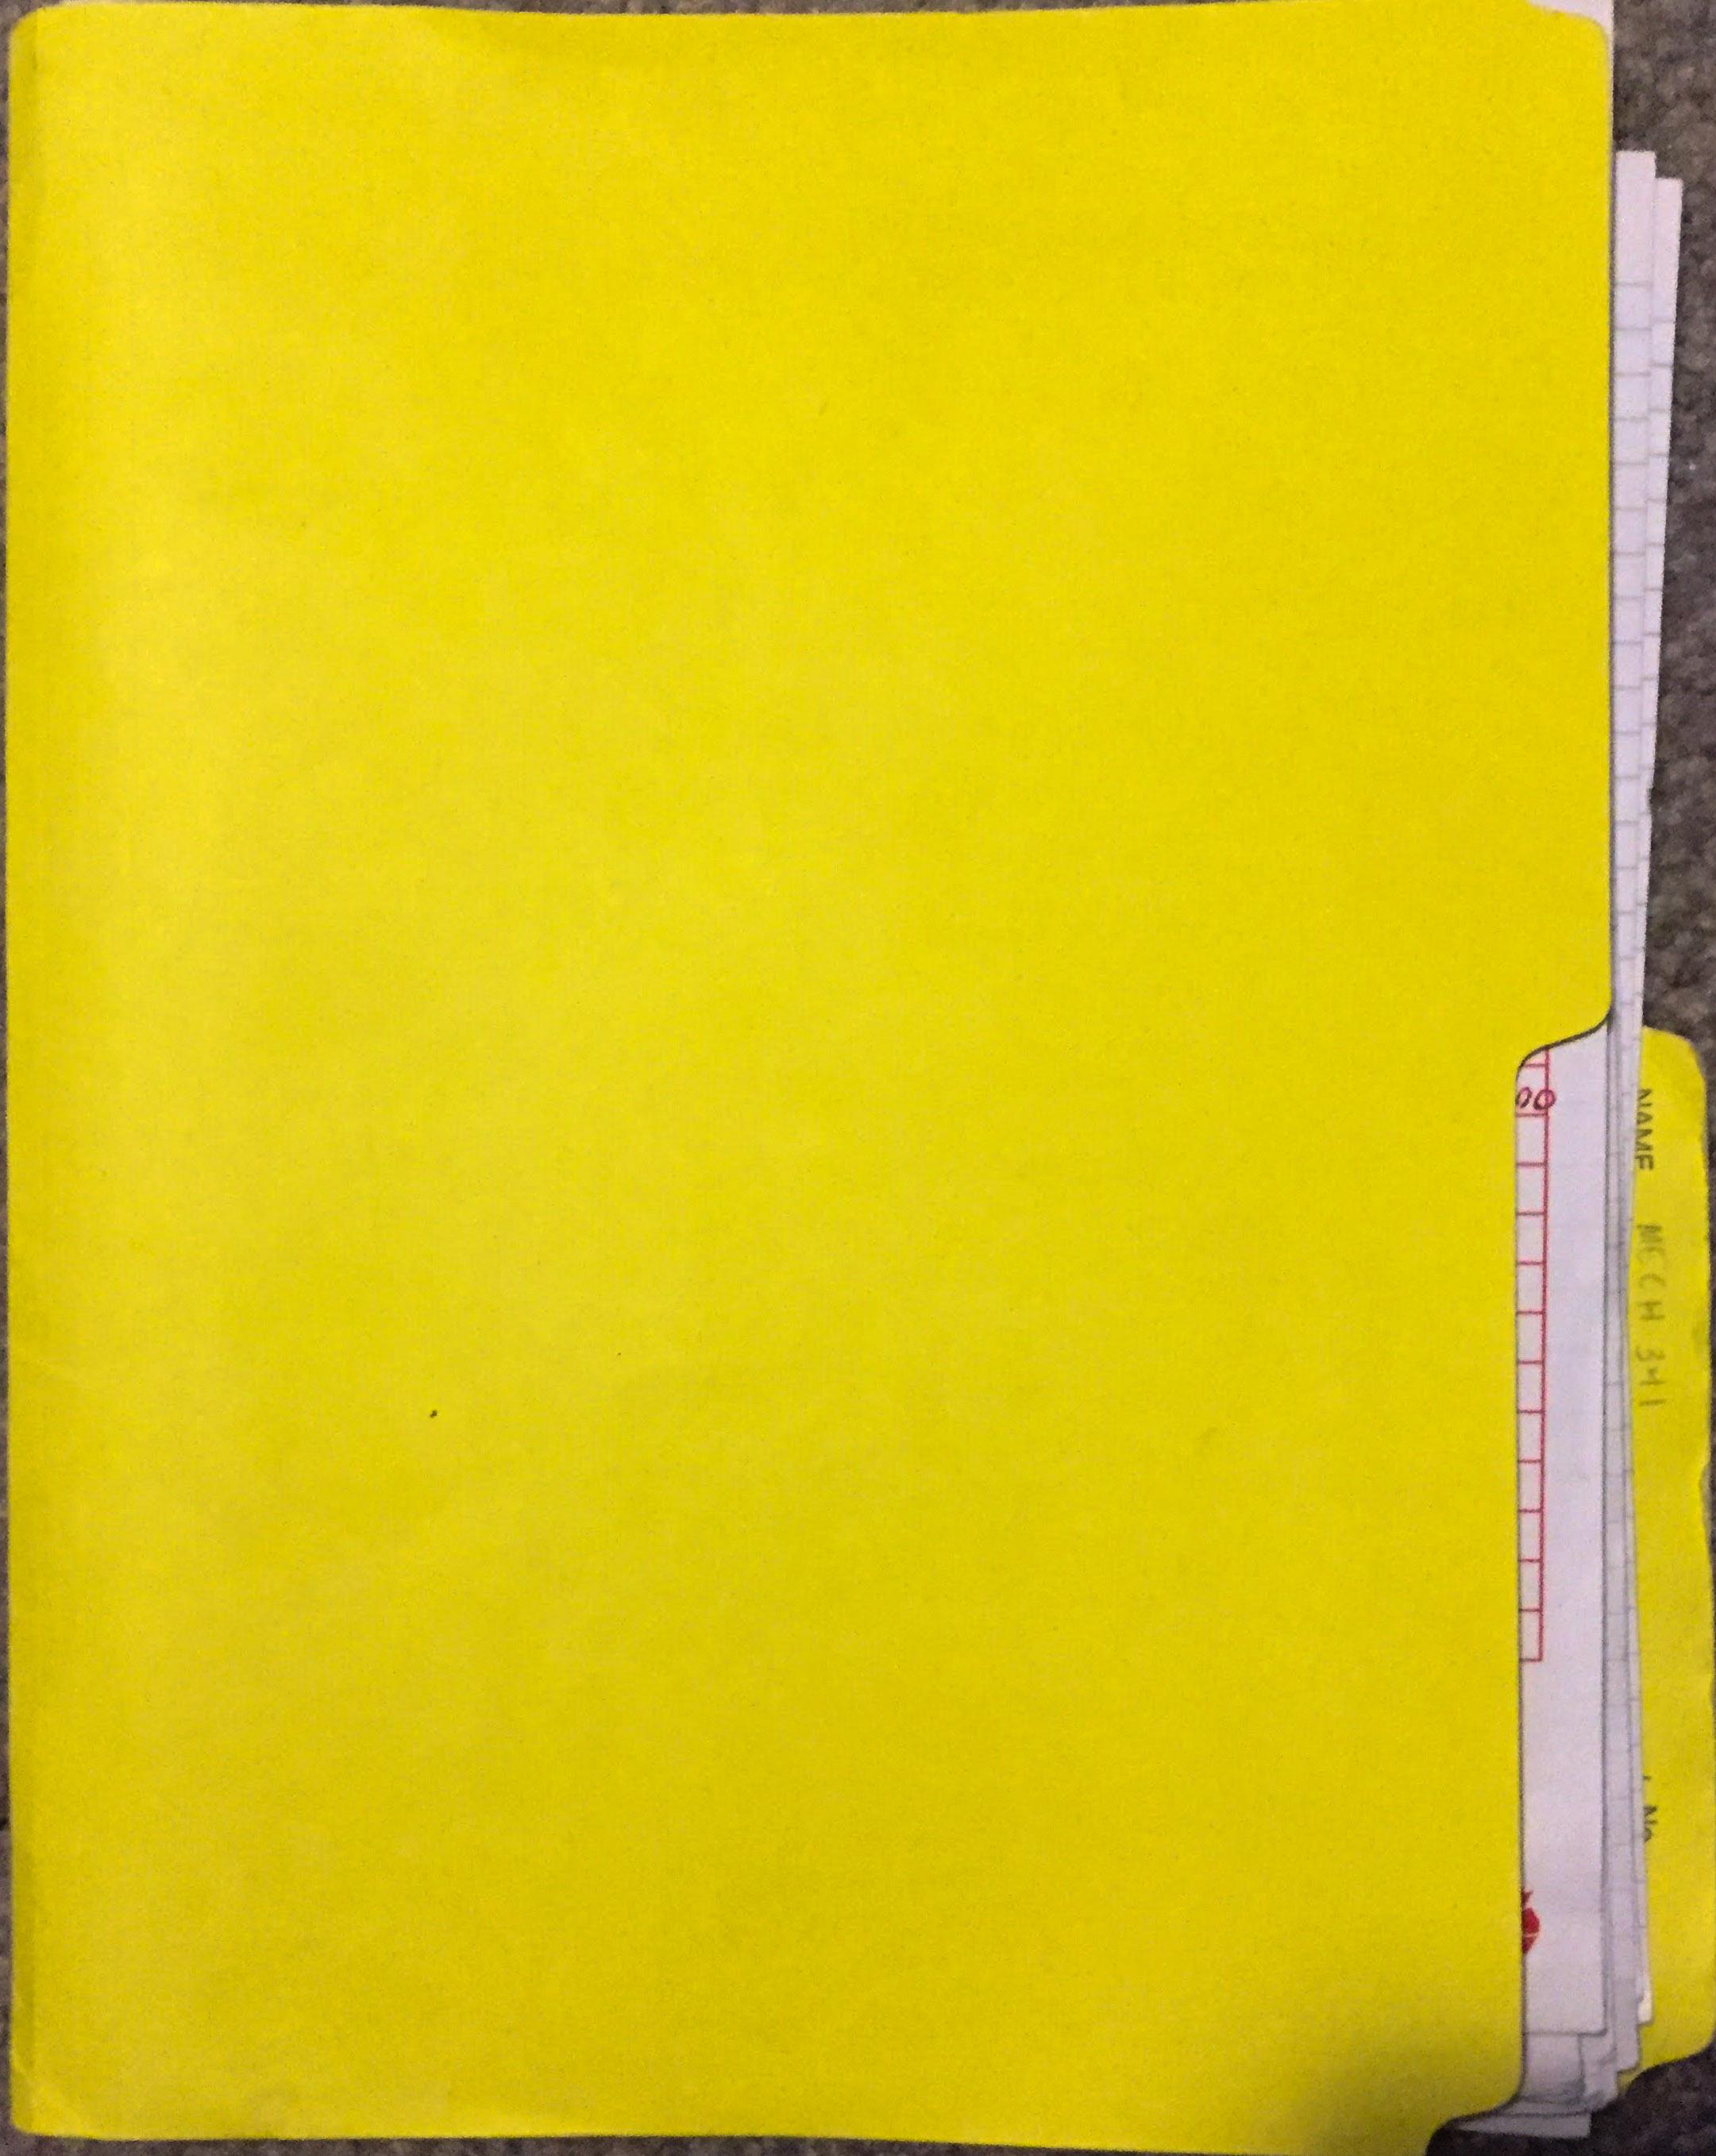 class-folder-for-organizing-class-materials